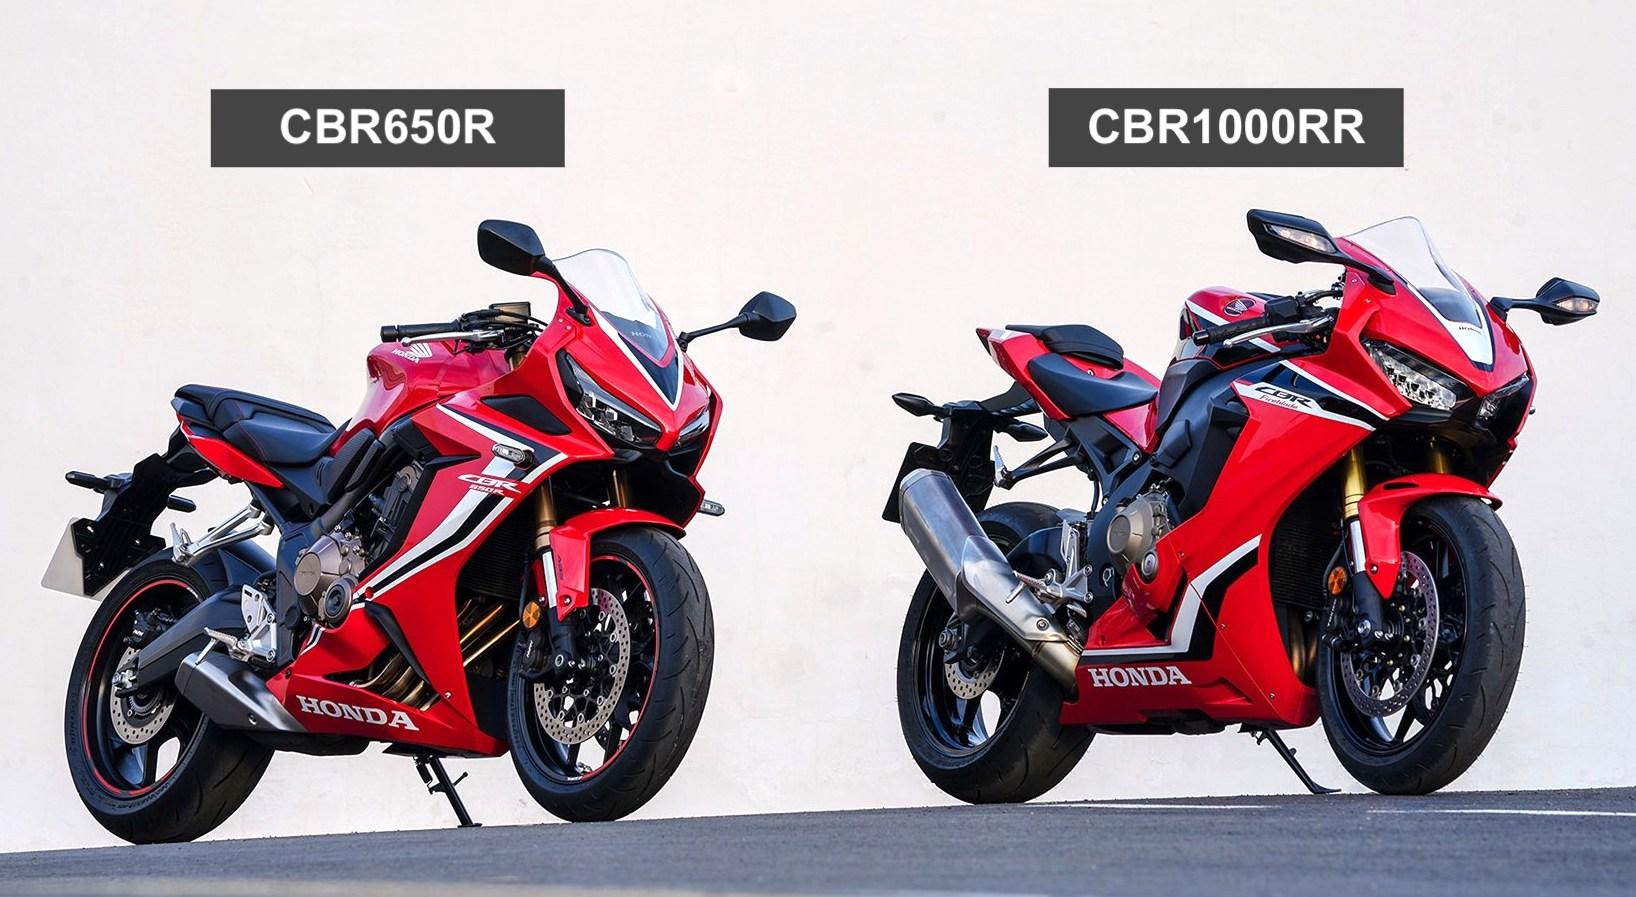 CBR650R Aesthetics compared to CBR1000RR